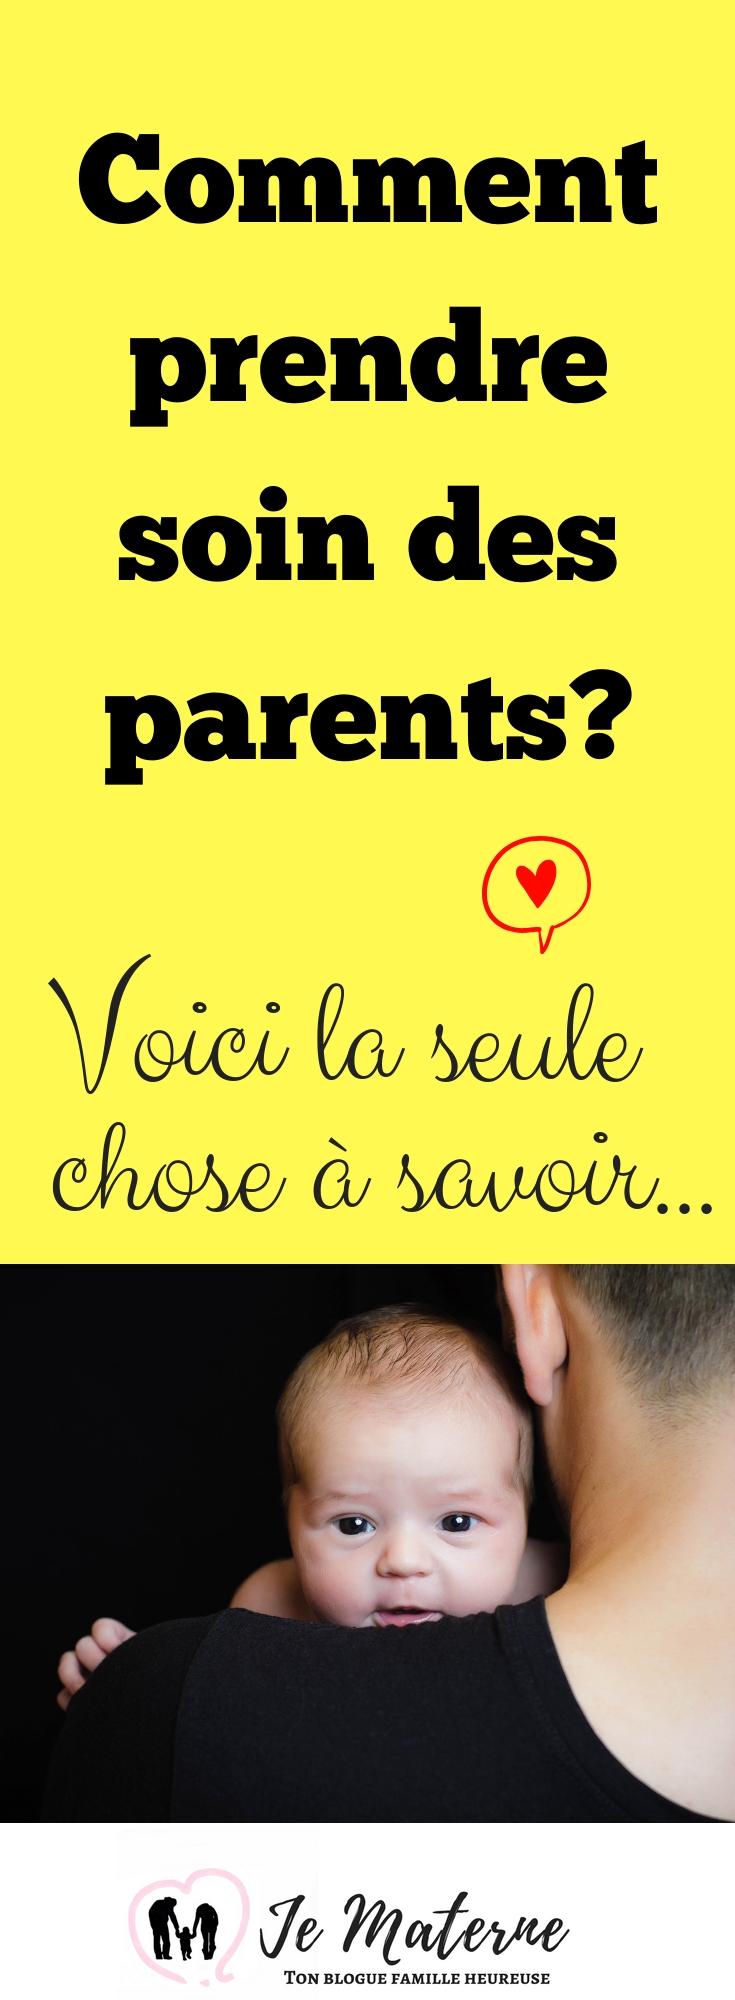 À LIRE! Prendre soin des parents - Voici la seule chose à savoir... Lis tout sur JeMaterne.com #maman #mamie #papi #papa #naissance #bébé #1an